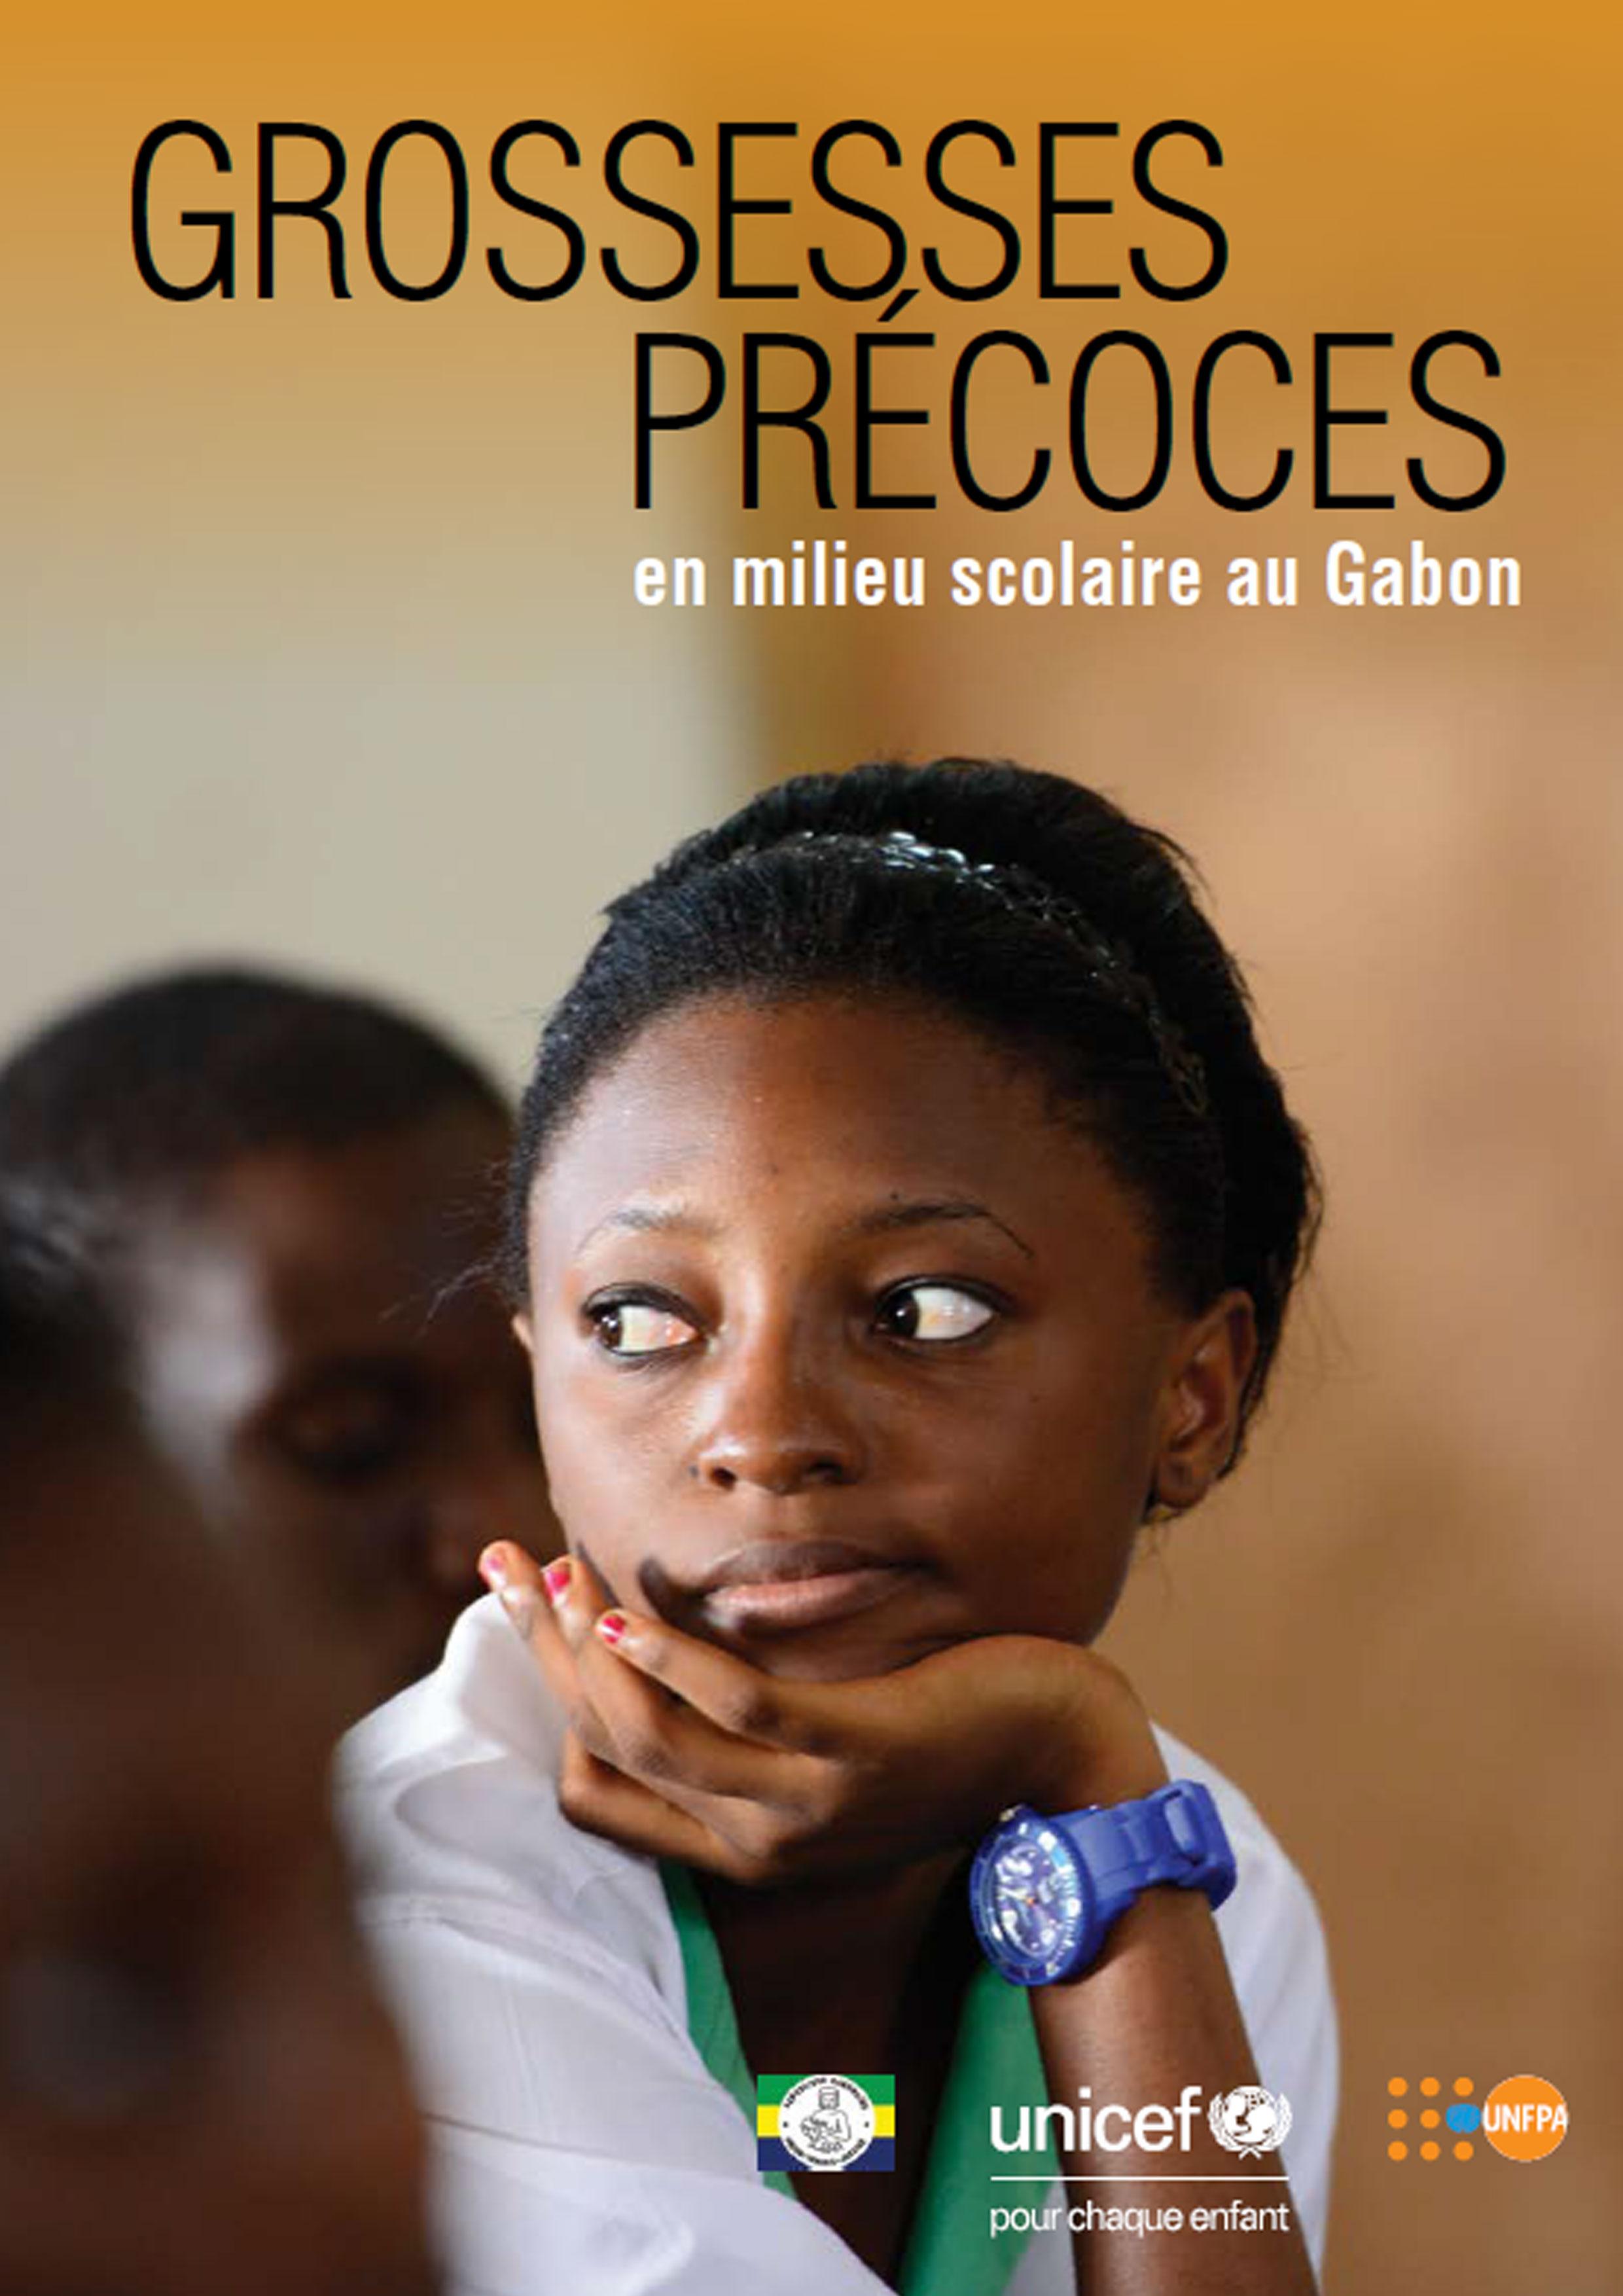 GROSSESSES PRÉCOCES EN MILIEU SCOLAIRE AU GABON